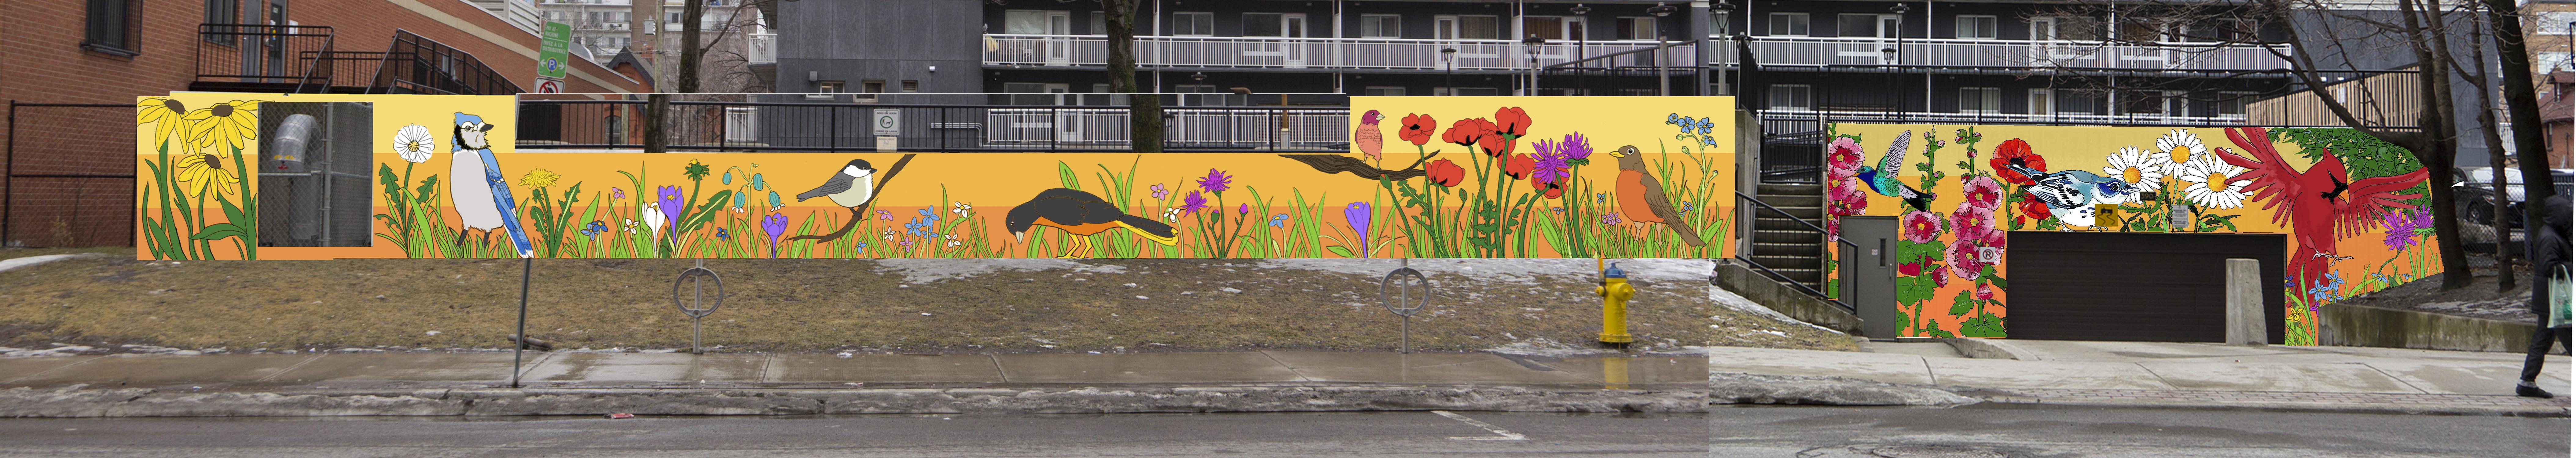 Illumaata murals ottawa school of art cole d 39 art d for Ecole d art mural